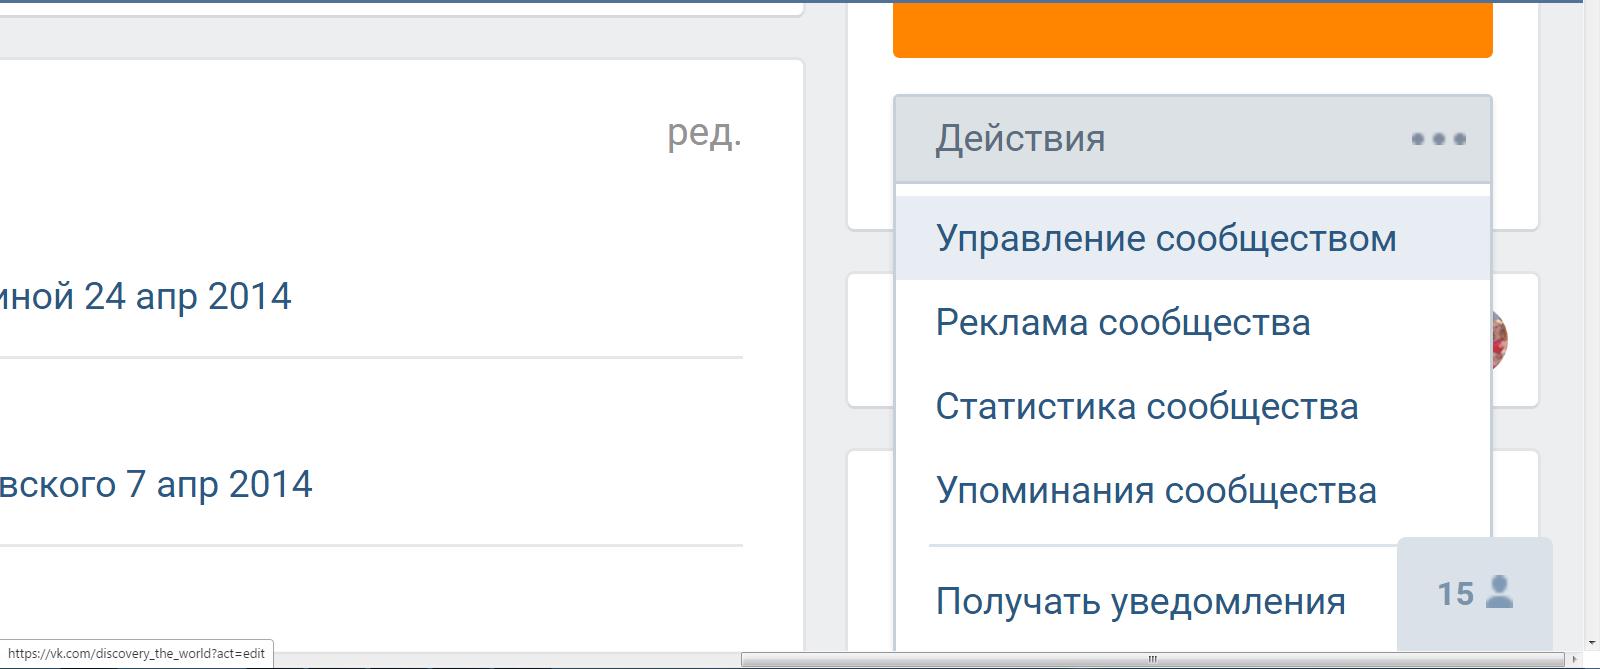 Зачем ВКонтакте раздел документы и что там размещать